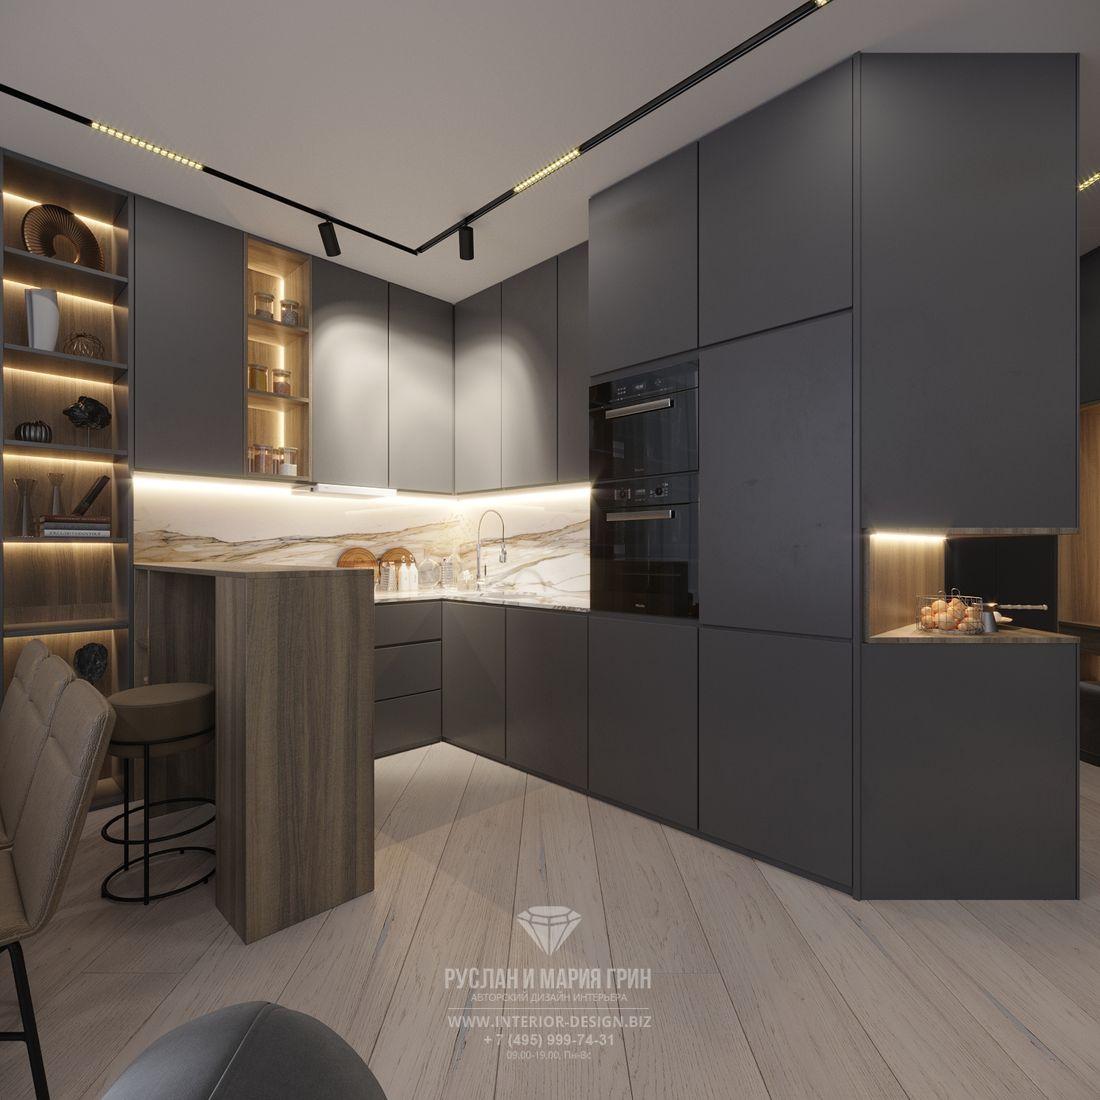 Дизайн серой угловой кухни в современном стиле